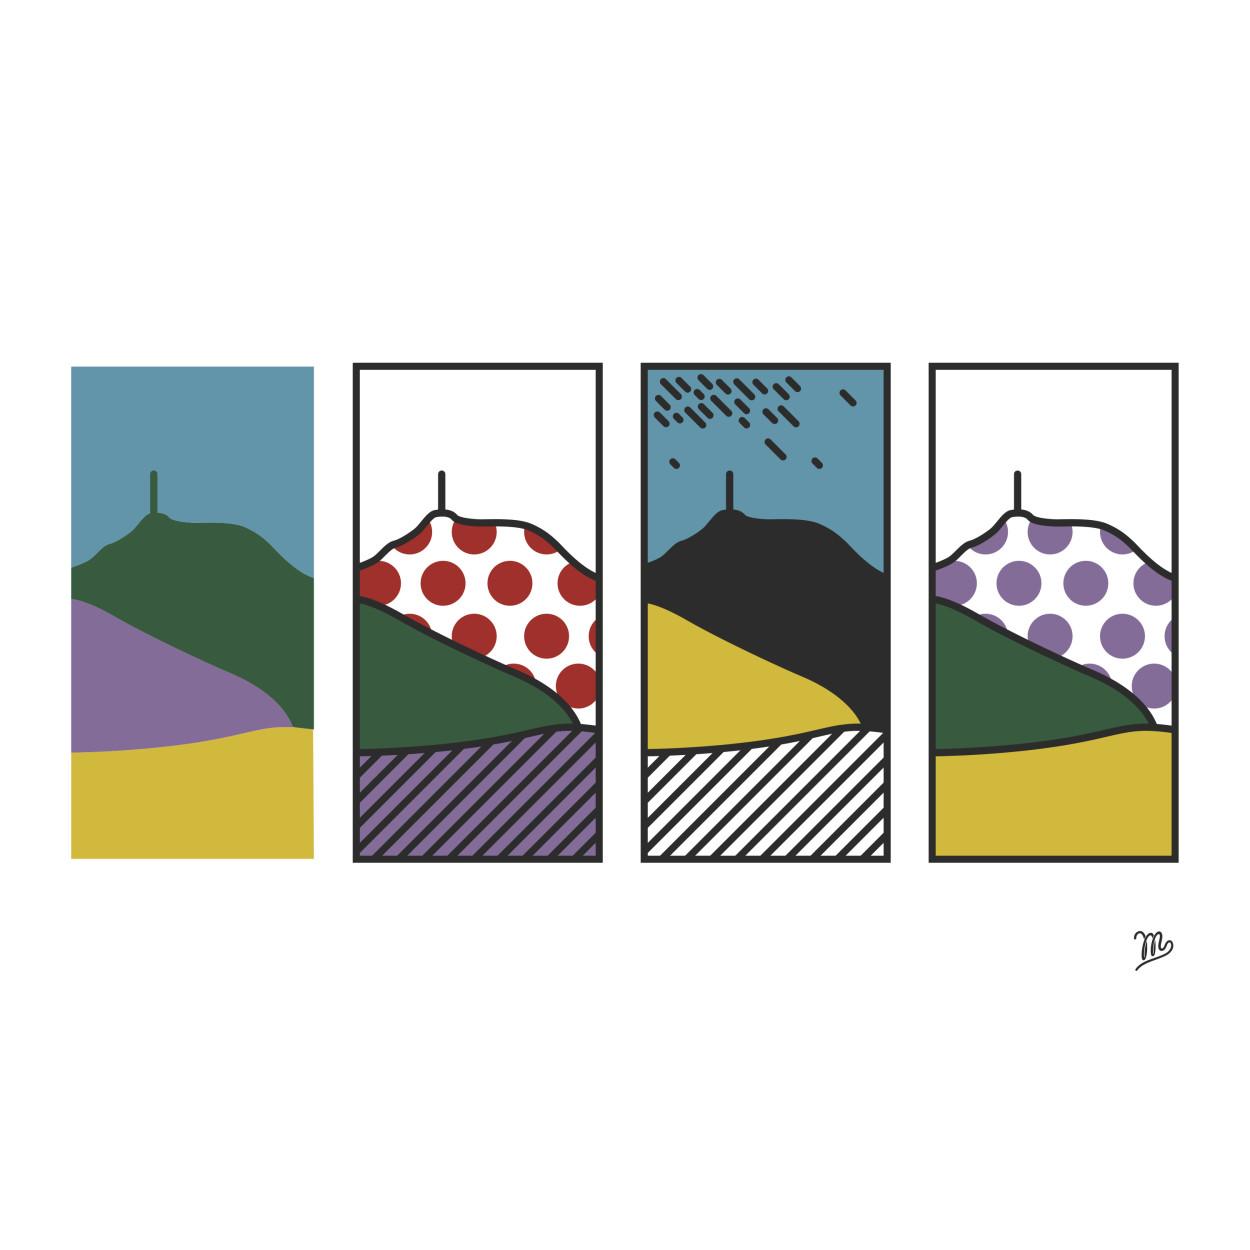 JULIEN-VICTOIRE-DOME-COLORS-3X2-VARIANTES-2.jpg